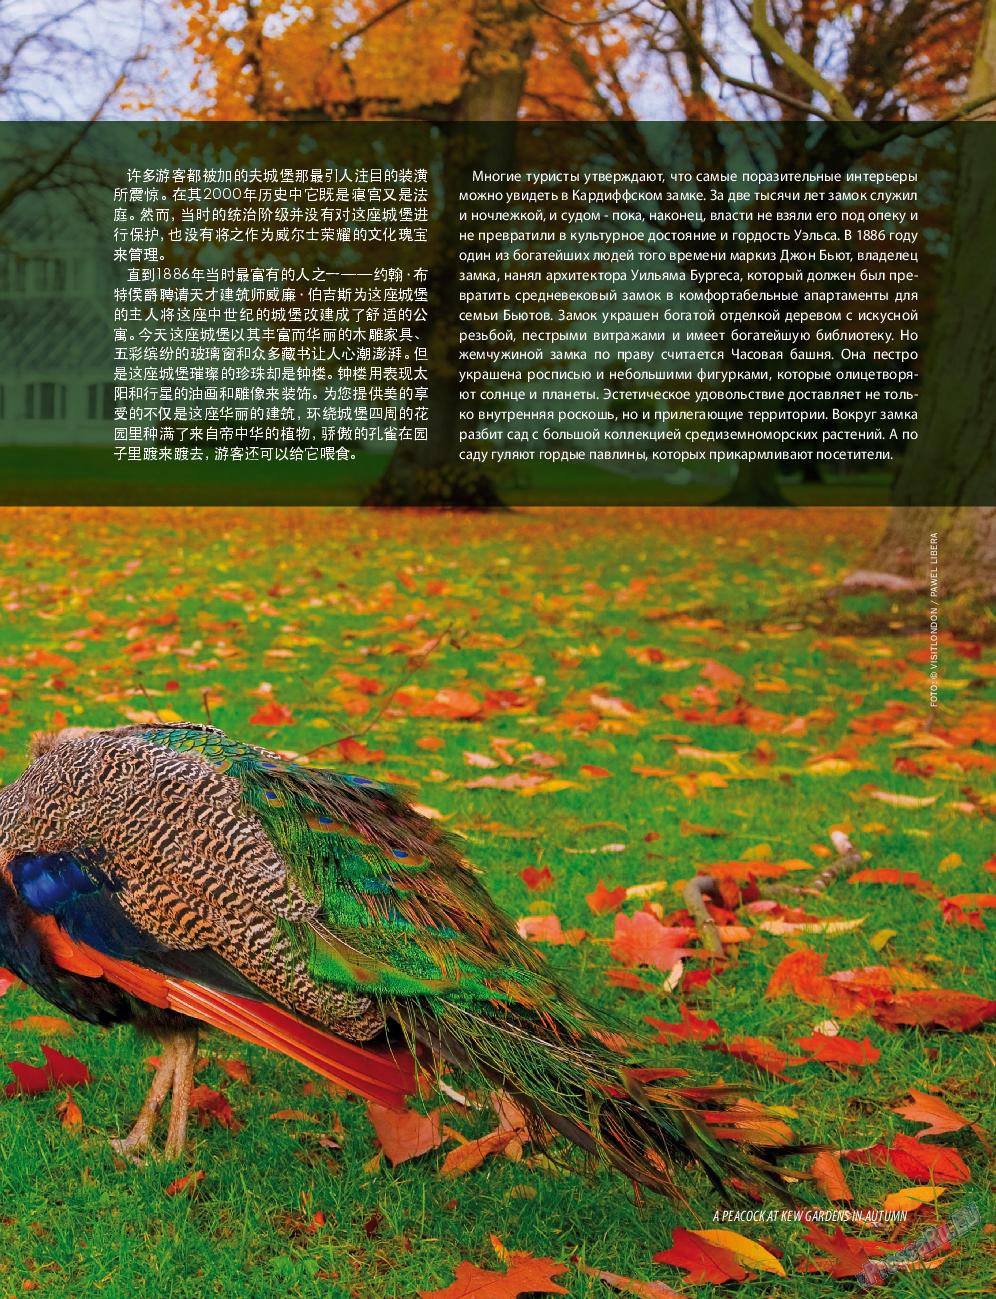 Клан (журнал). 2015 год, номер 9, стр. 97